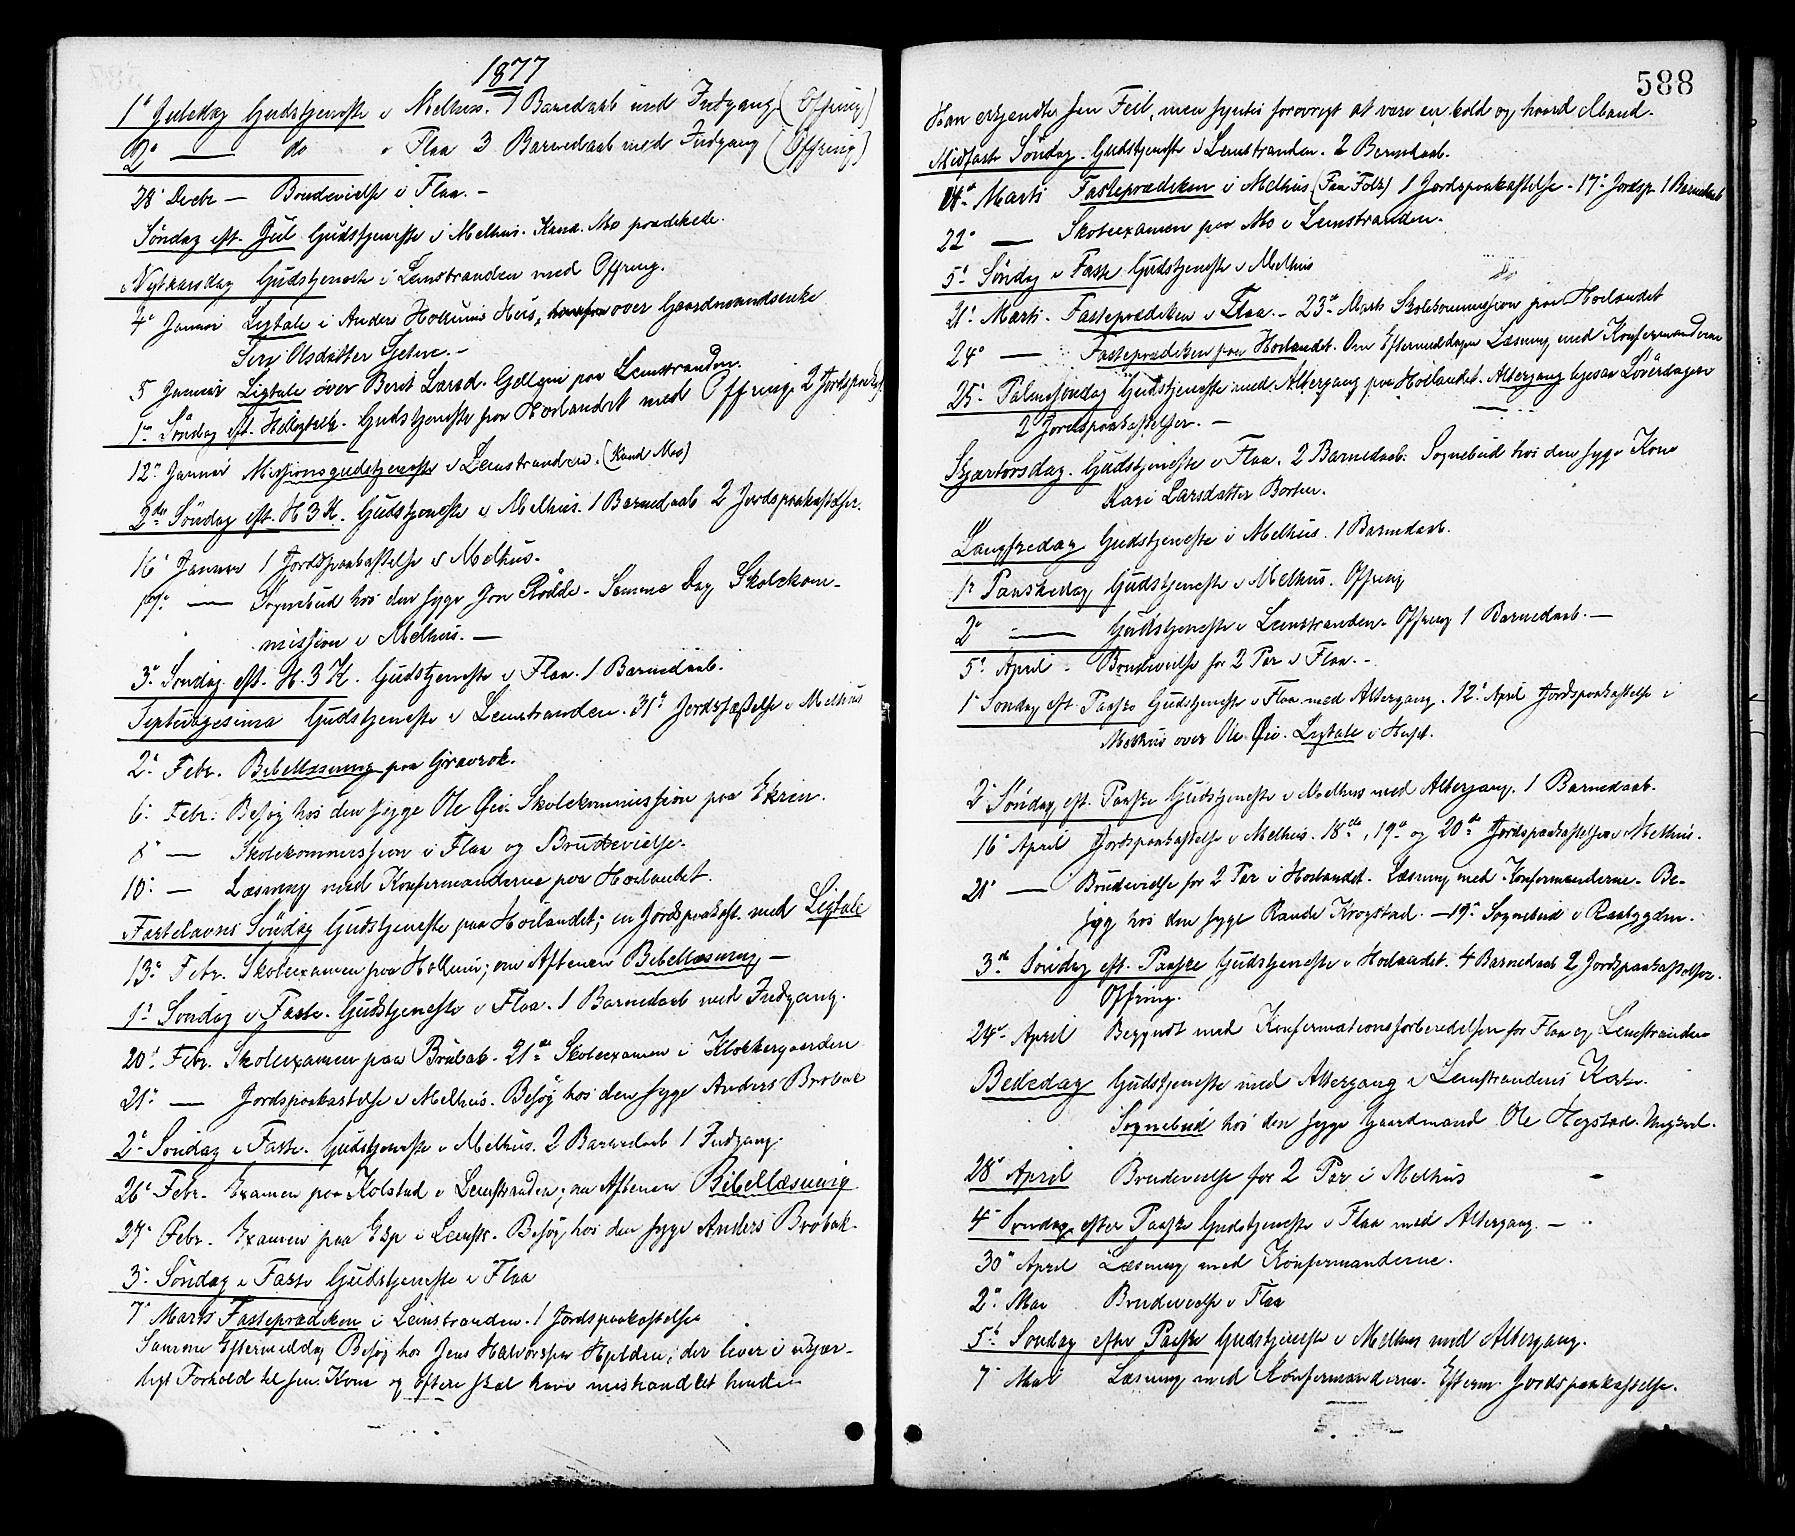 SAT, Ministerialprotokoller, klokkerbøker og fødselsregistre - Sør-Trøndelag, 691/L1079: Ministerialbok nr. 691A11, 1873-1886, s. 588